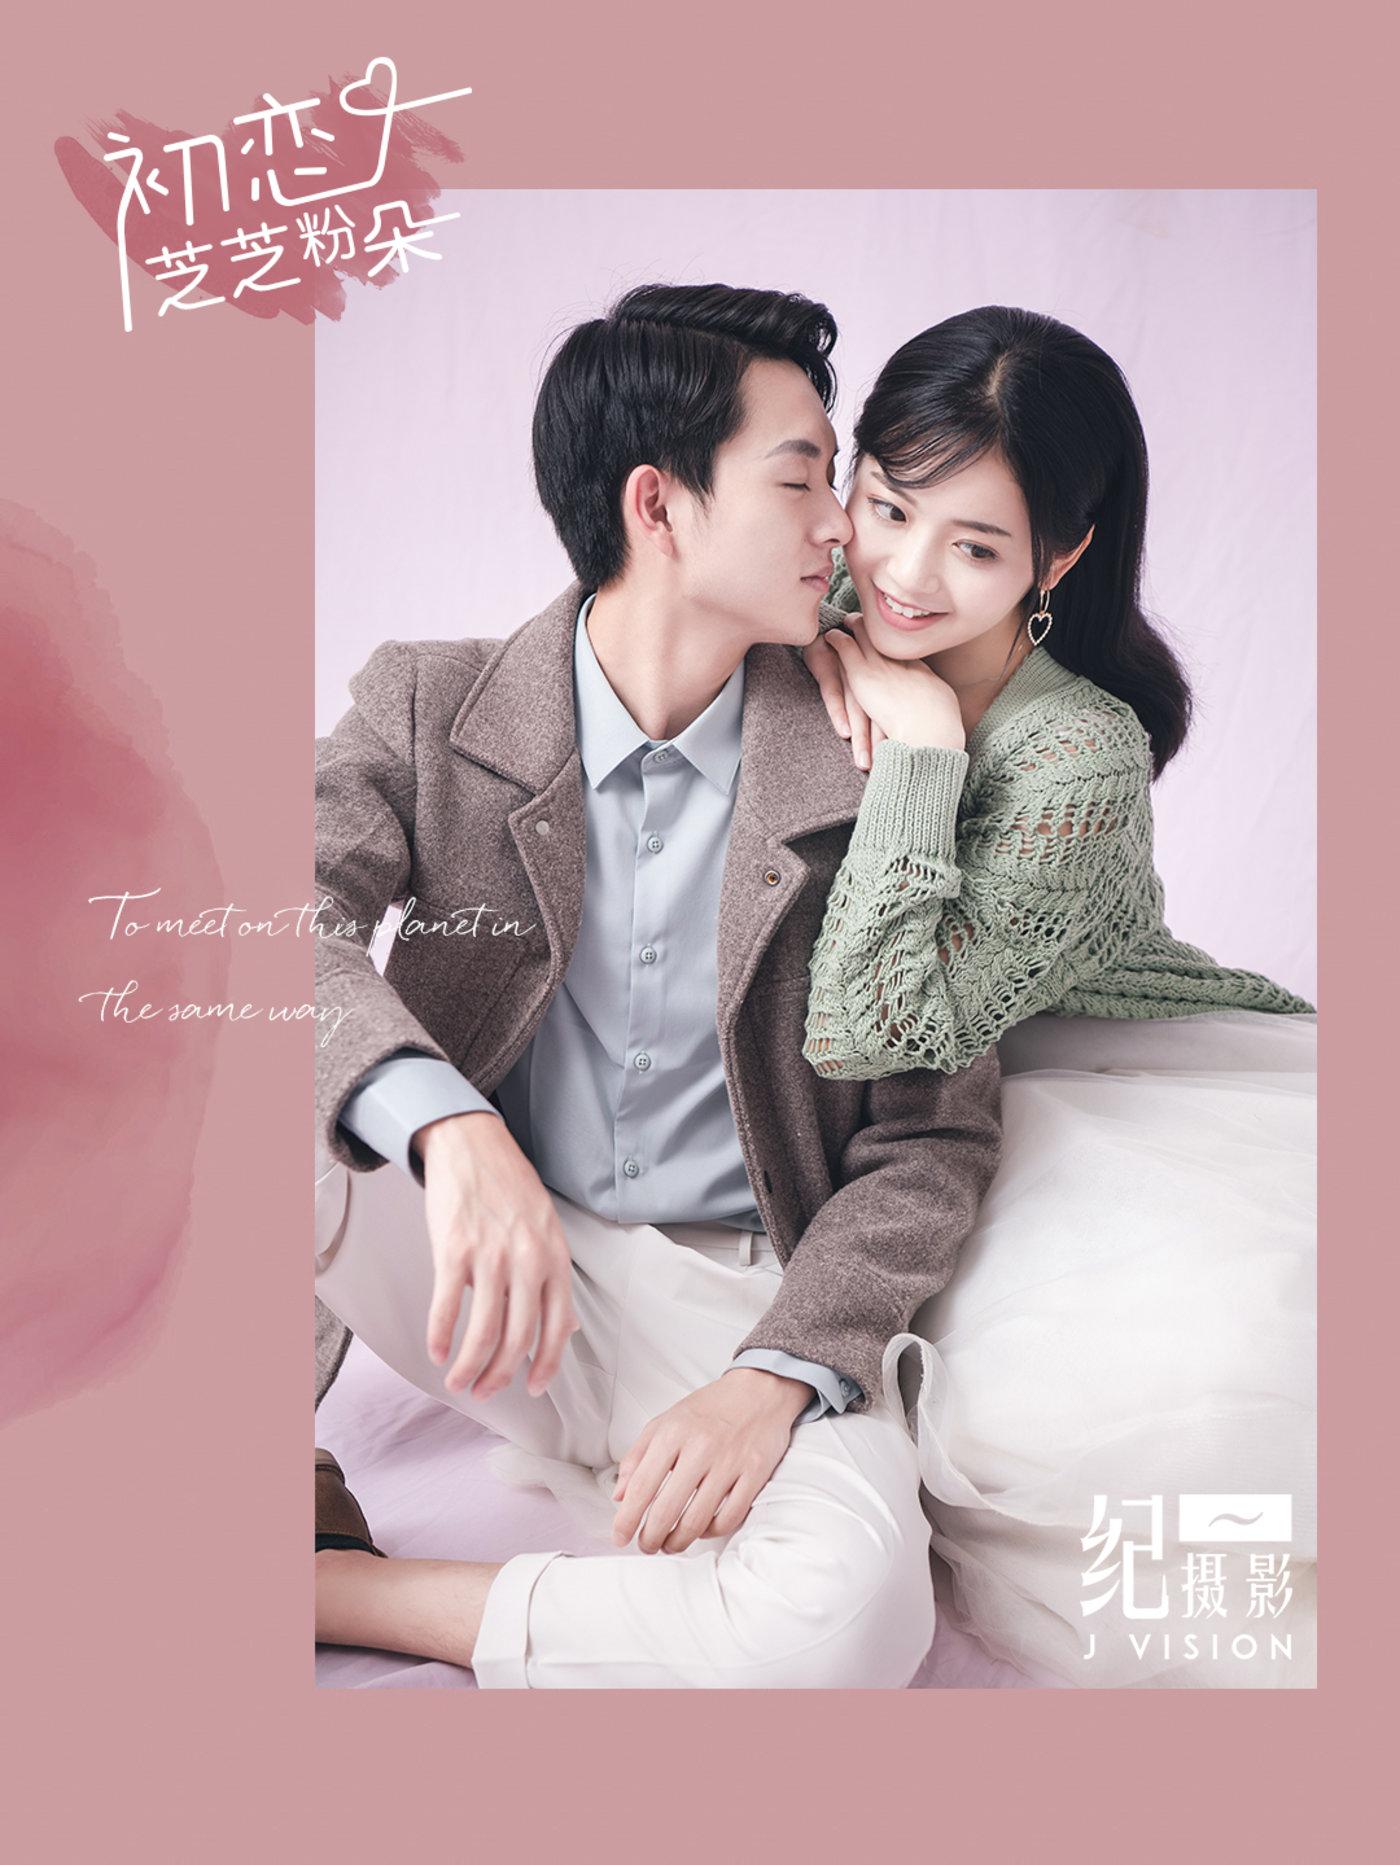 < 青春系列丨初恋の芝芝粉朵 >9